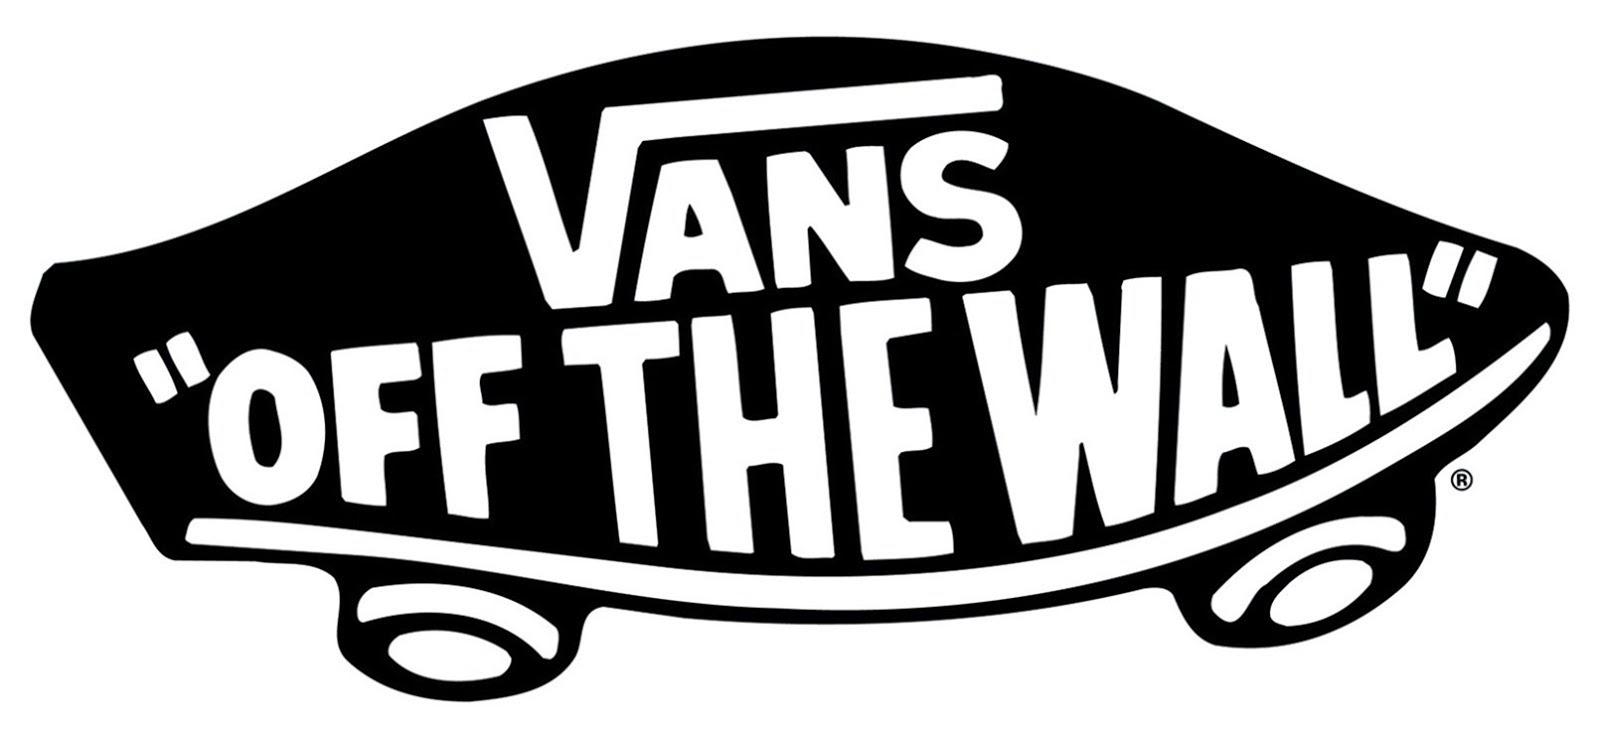 PT VANS INDONESIA. SEJARAH PERUSAHAAN. PT Vans adalah Perusahaan asosiasi  dari vans Shoes Organization. Perusahaan memproduksi beragam alas kaki  meliputi ... ef168fe26f